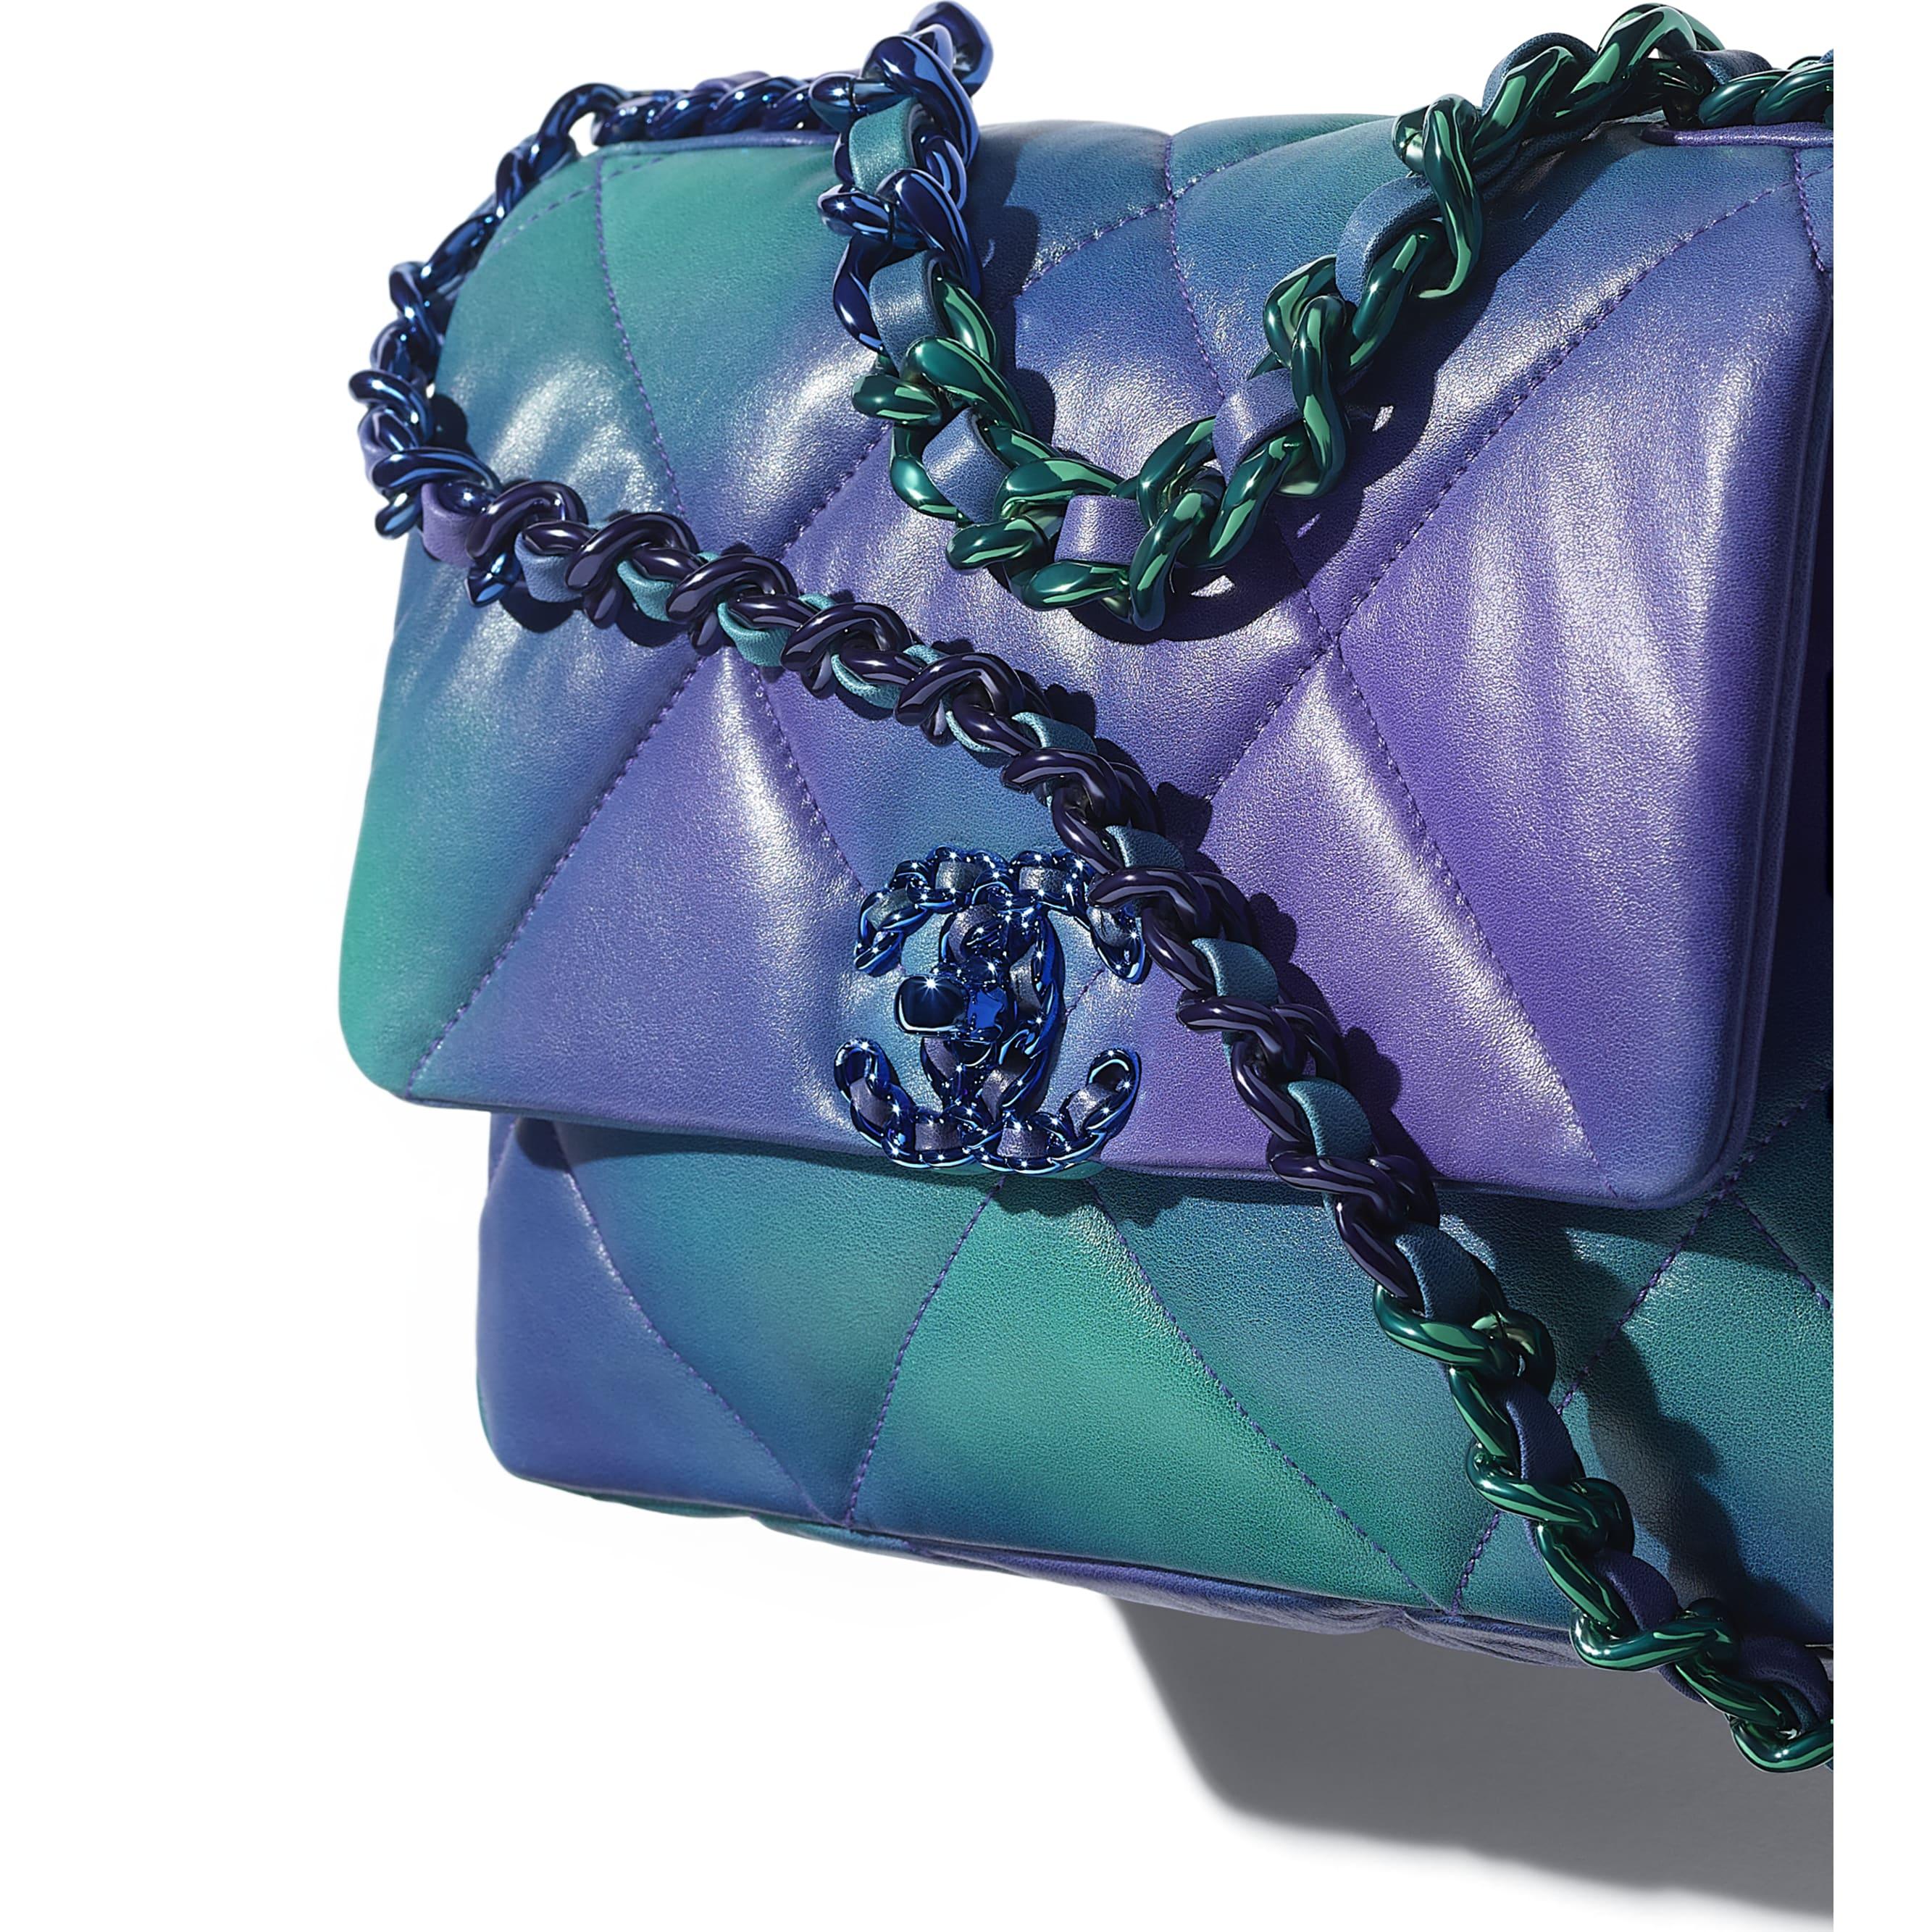 Borsa CHANEL 19 - Blu & viola - Pelle tie and dye & metallo laccato - CHANEL - Immagine extra - vedere versione standard